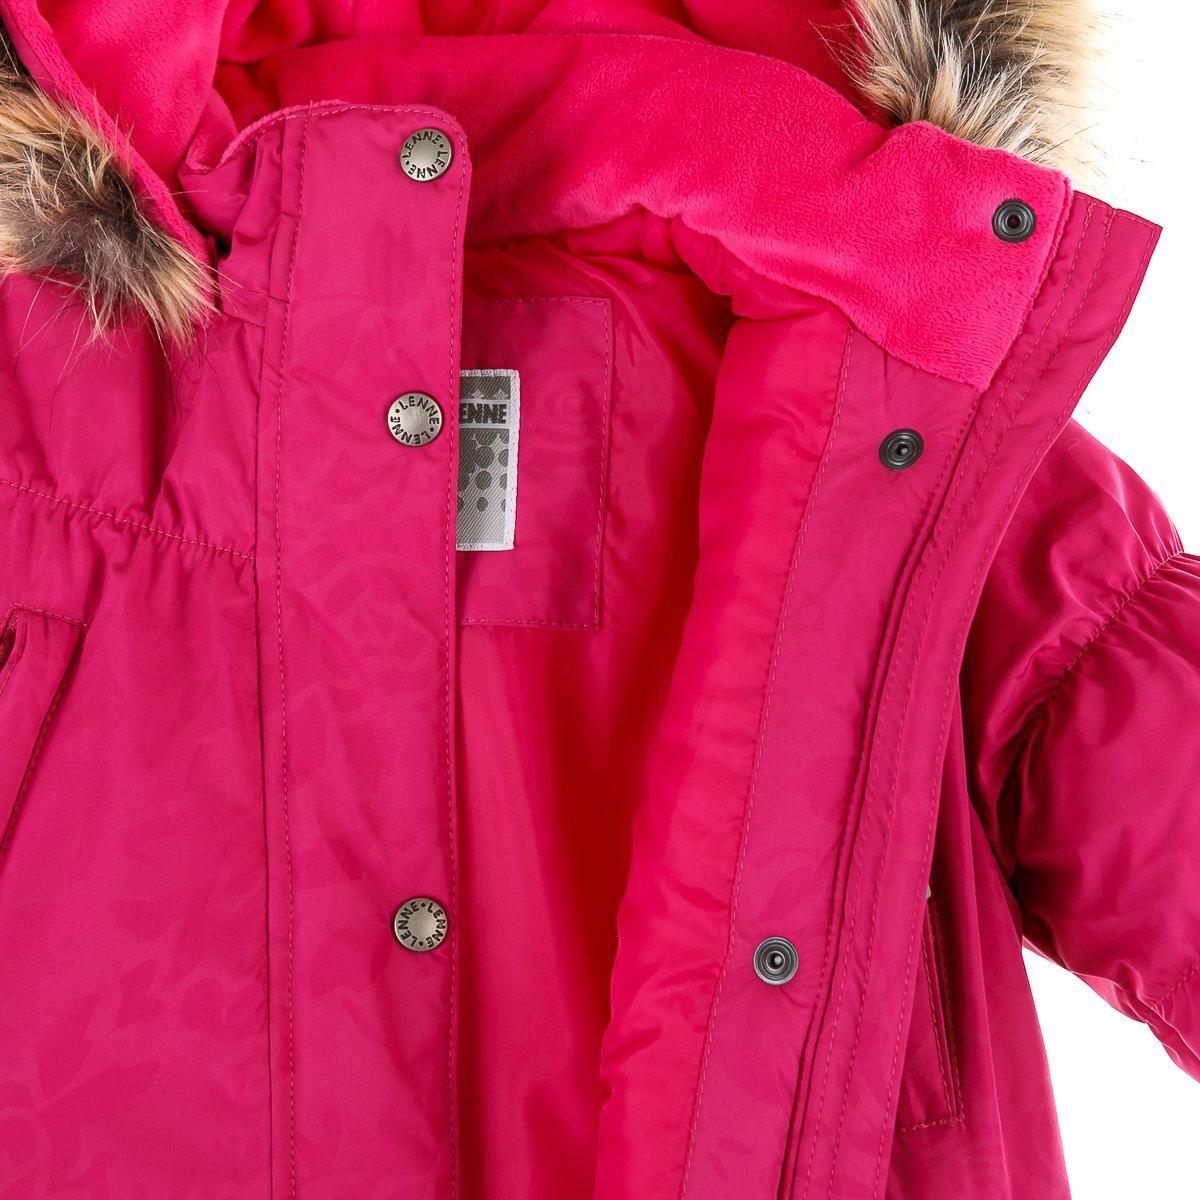 Купить Верхняя одежда, Куртка LENNE So Pink, р. 110 18333 E ТМ: LENNE, розовый